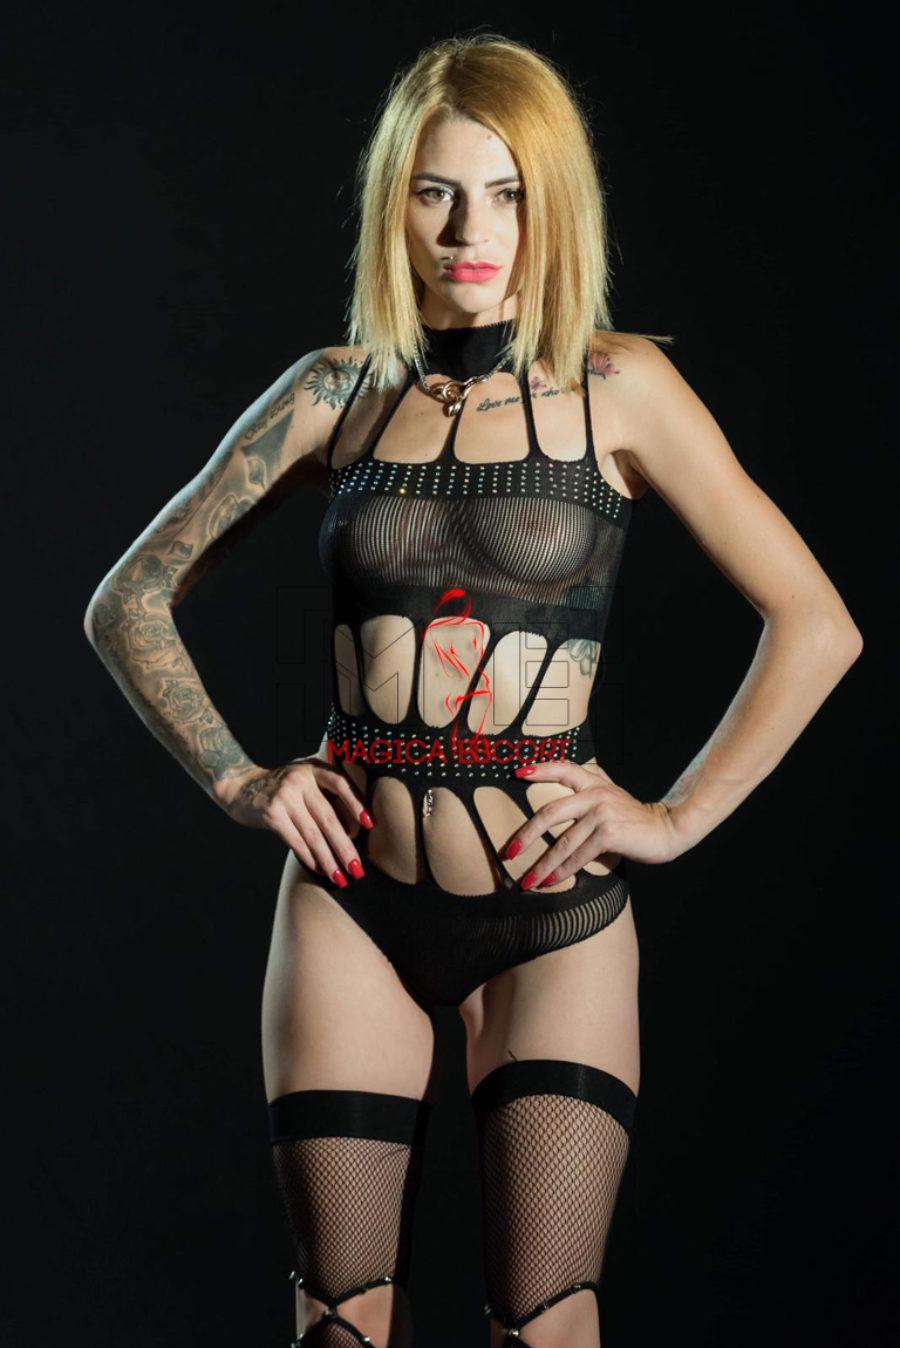 Escort Catania. Laura con della lingerie nera e trasparente da sballo. Magica Escort.